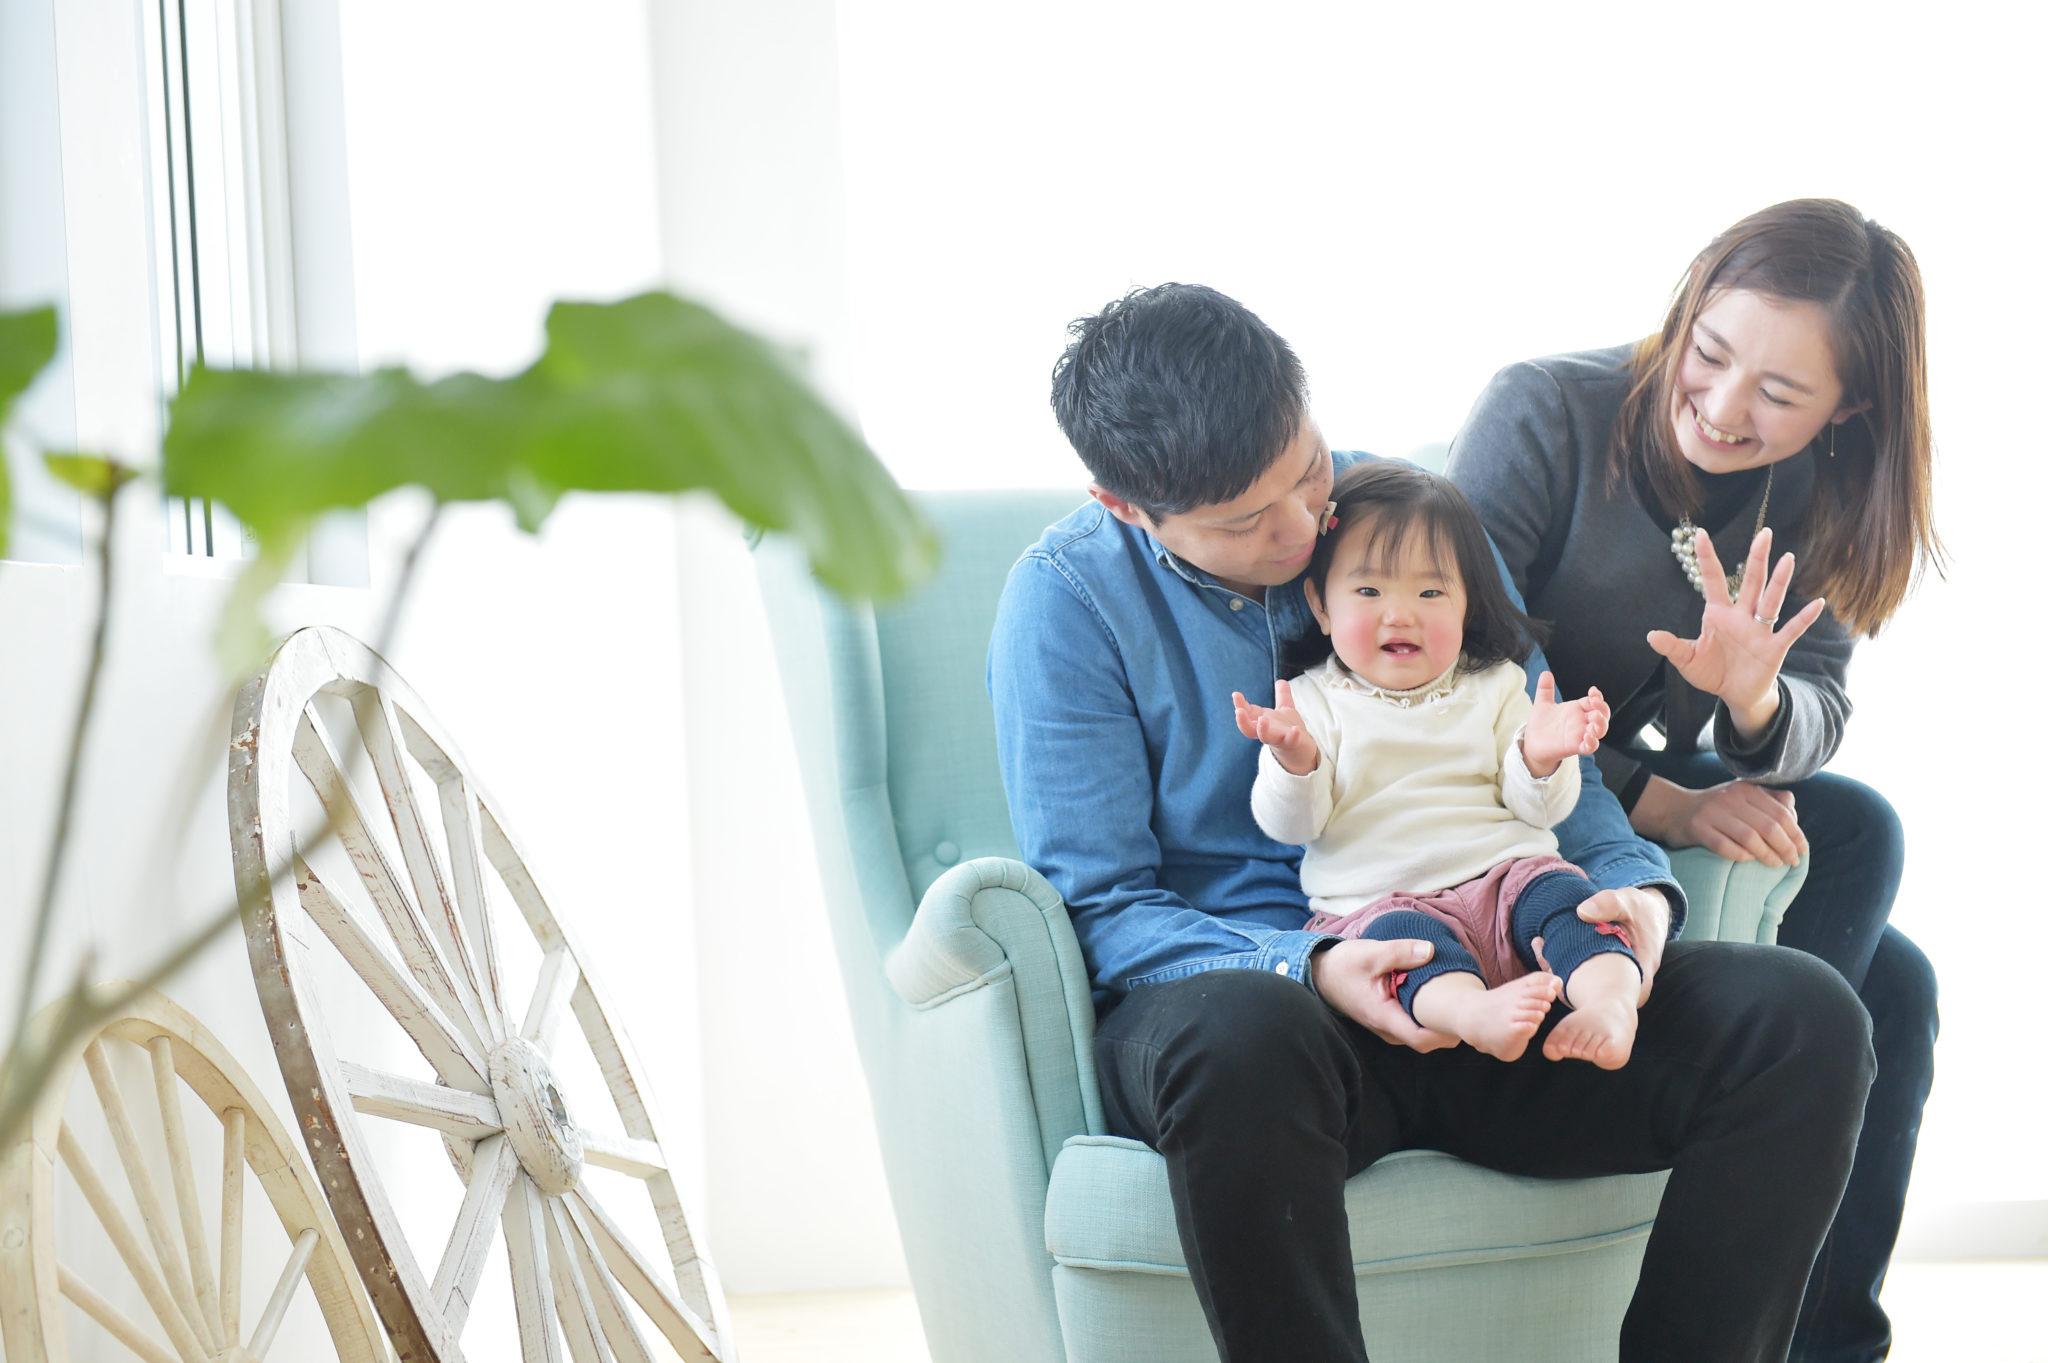 宝塚市 1歳 バースデーフォト 家族写真